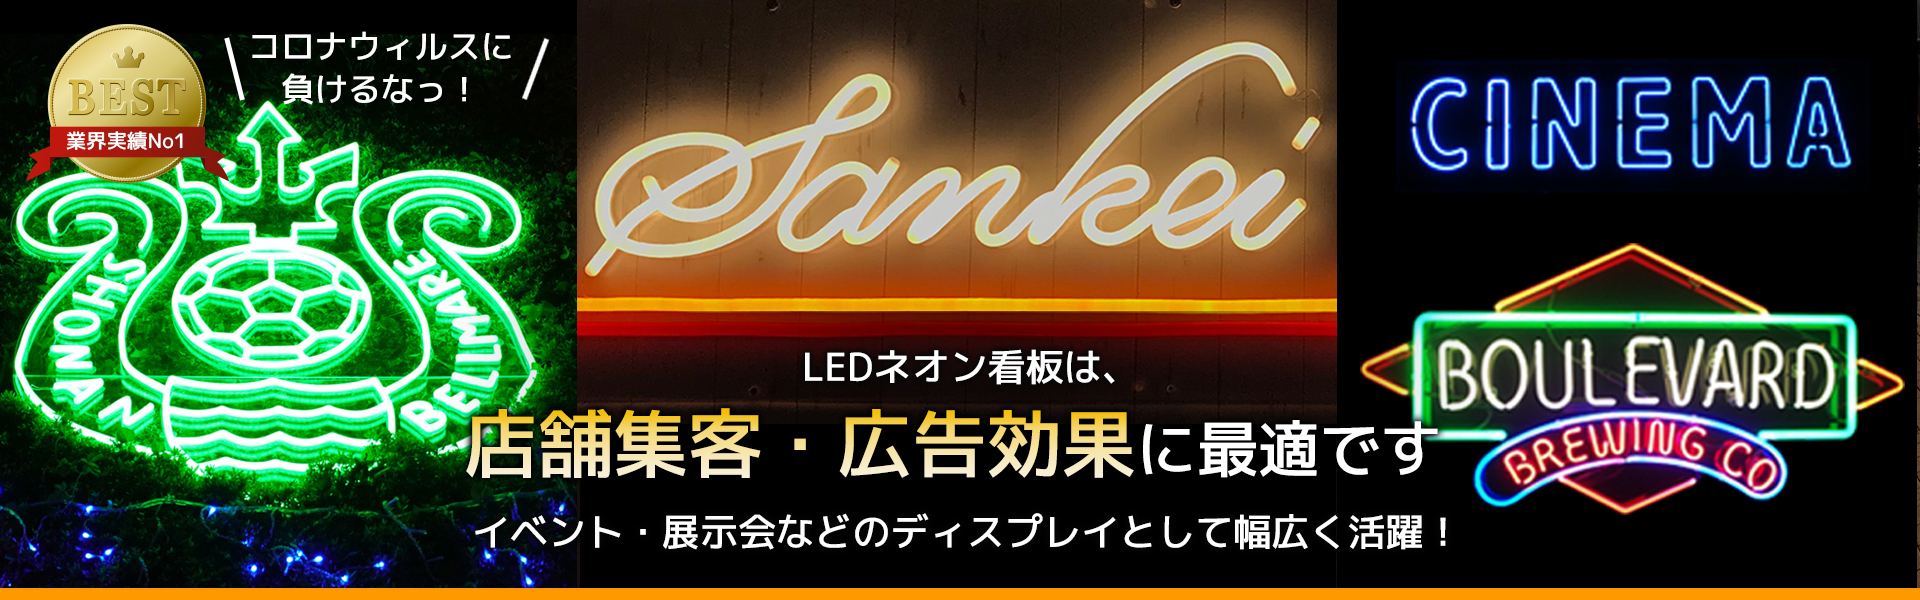 LEDネオン看板(ネオン看板)の制作・販売